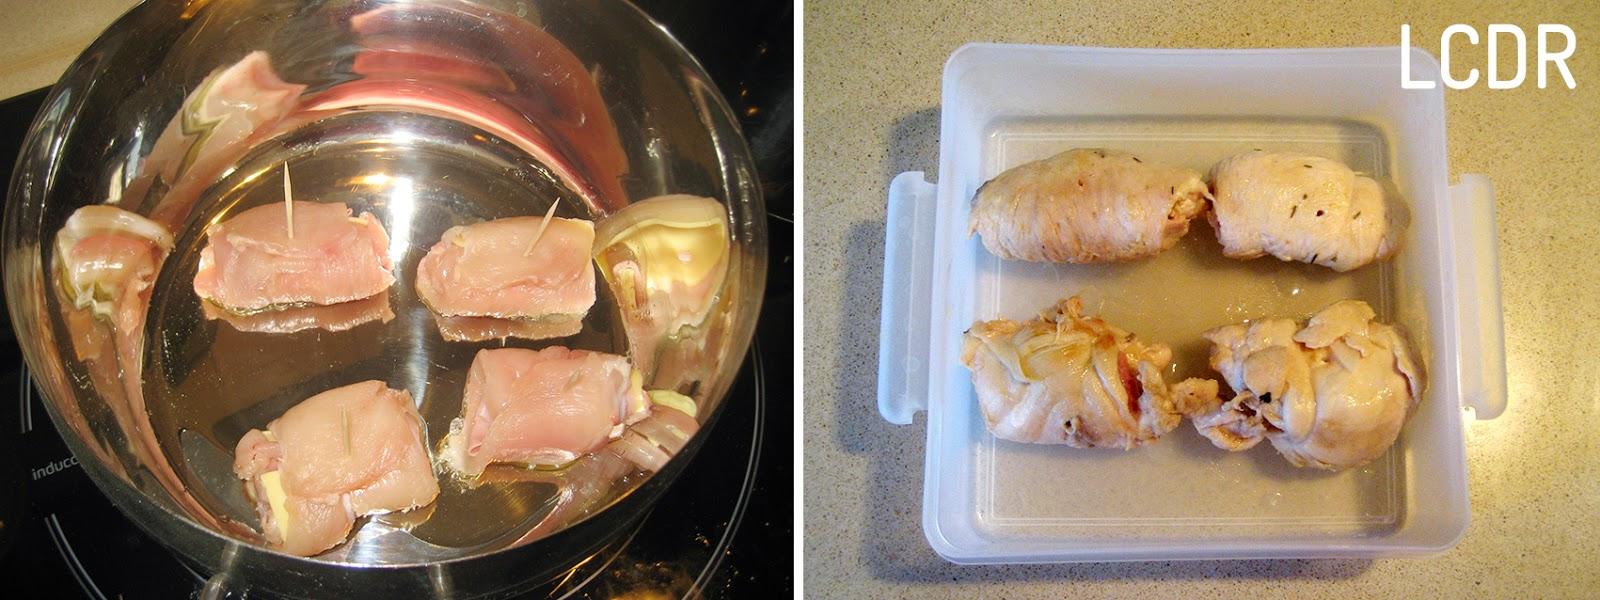 Receta de rollitos de pollo 02